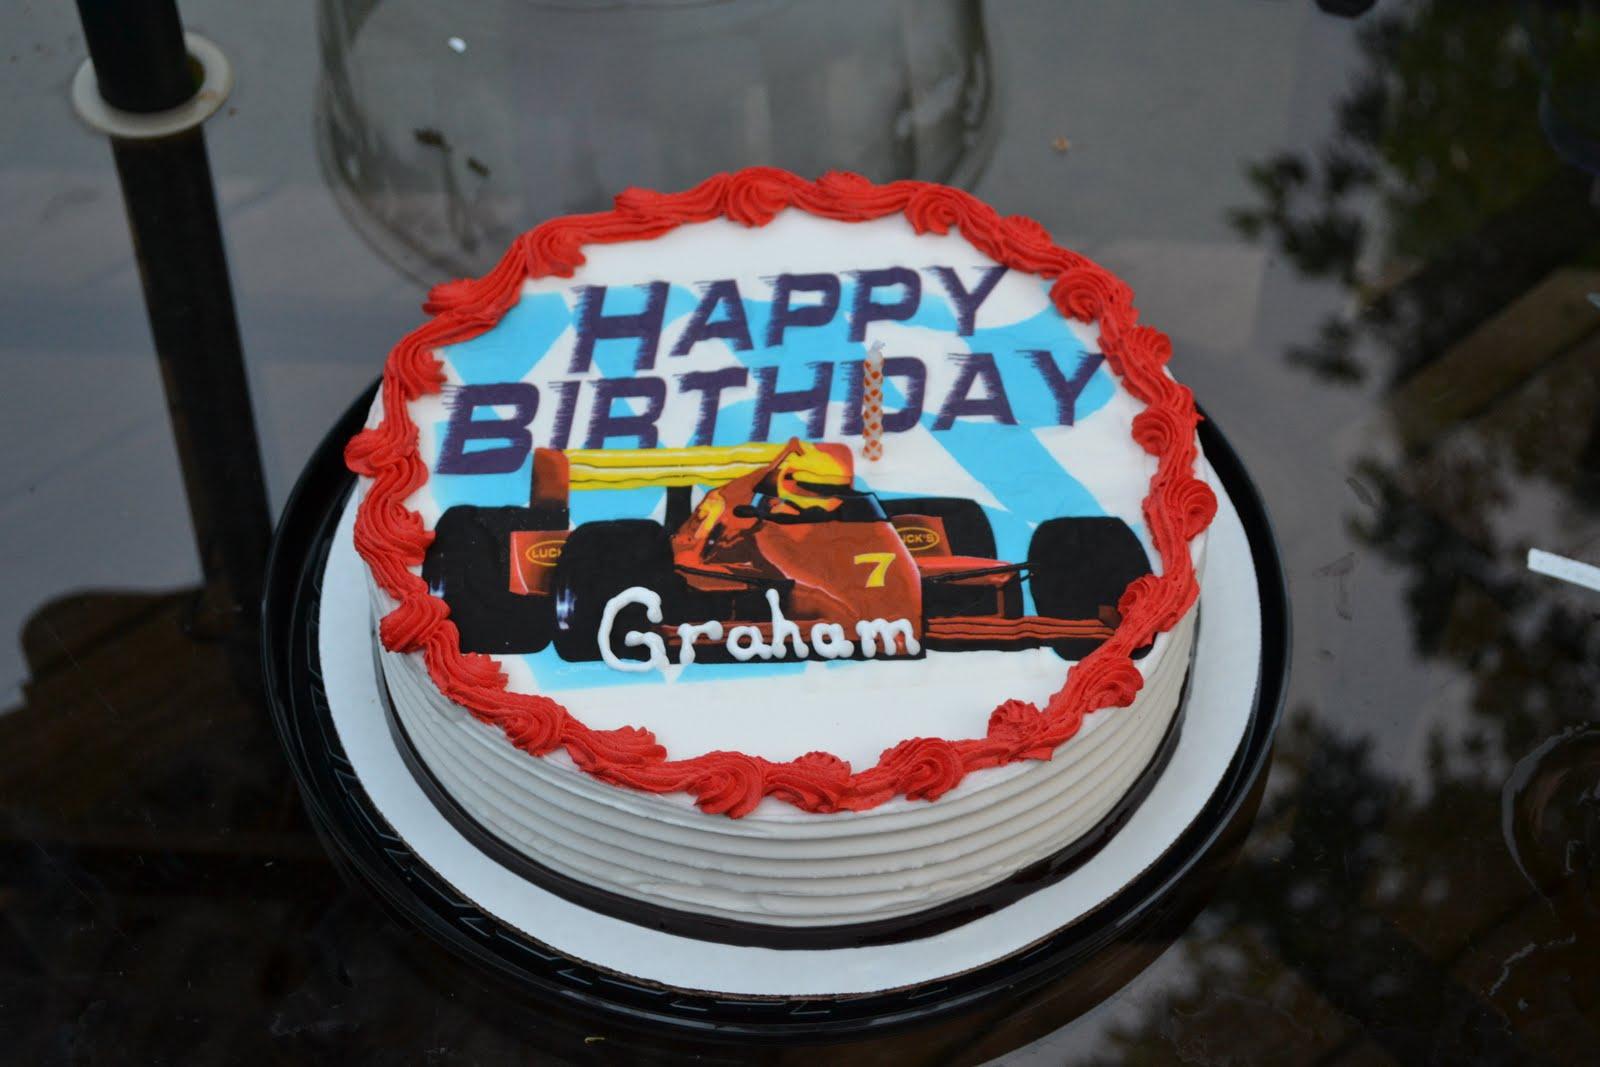 Ravenscroft Ruckus Happy Birthday Graham